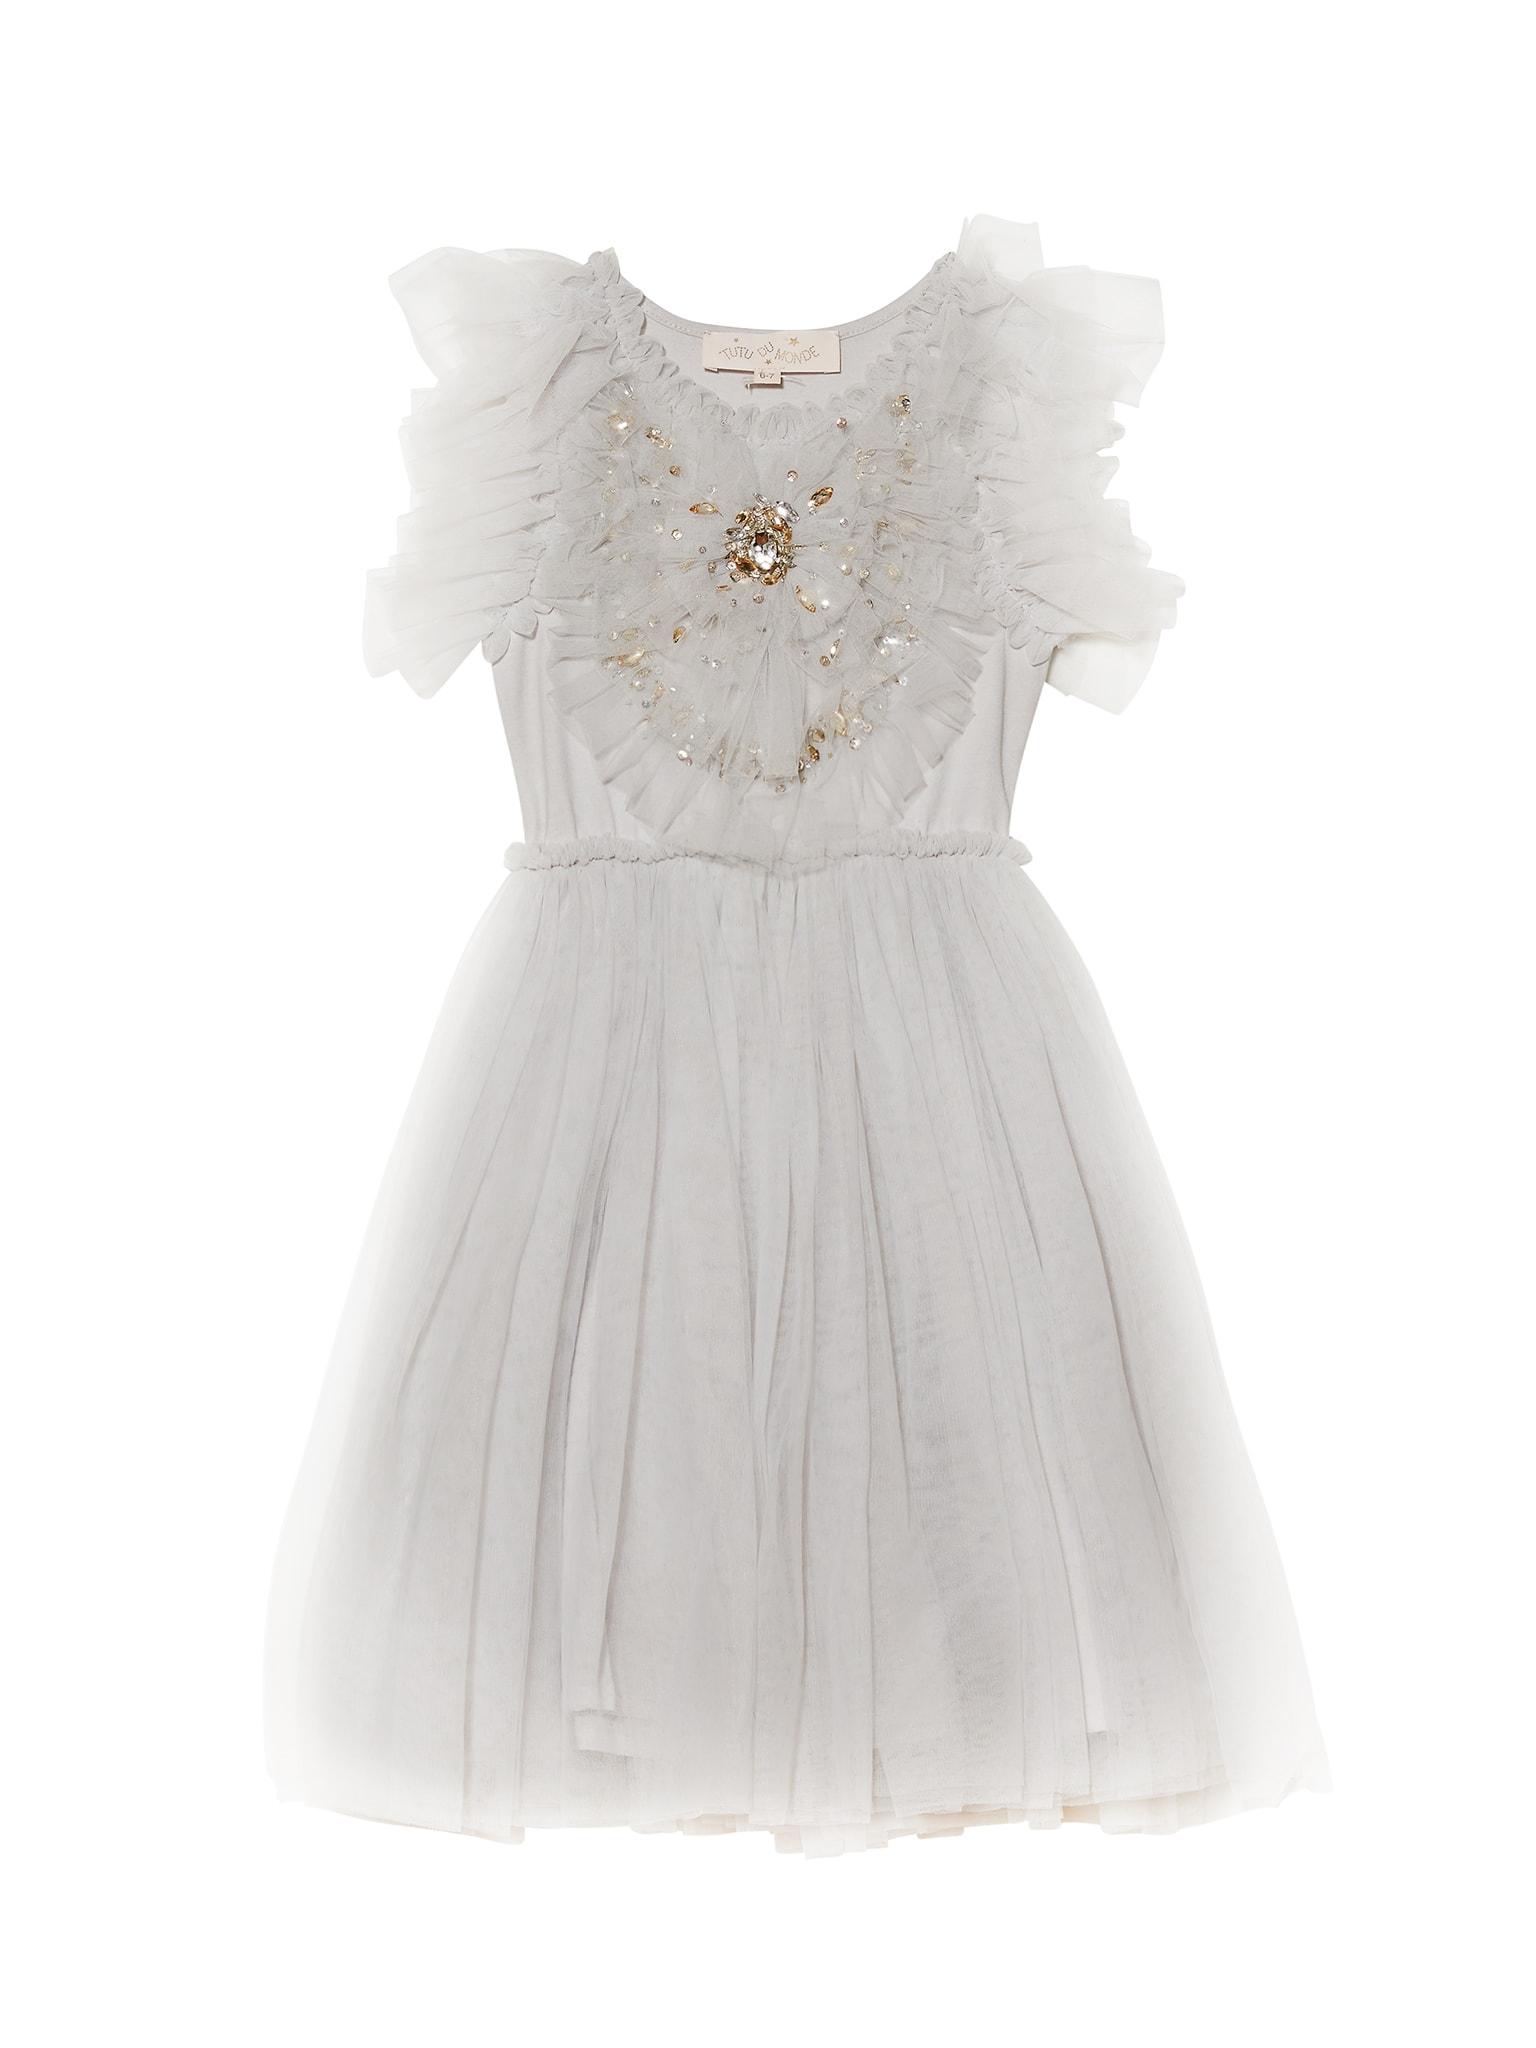 Tdm4099 dazzling heart tutu dress 01 min